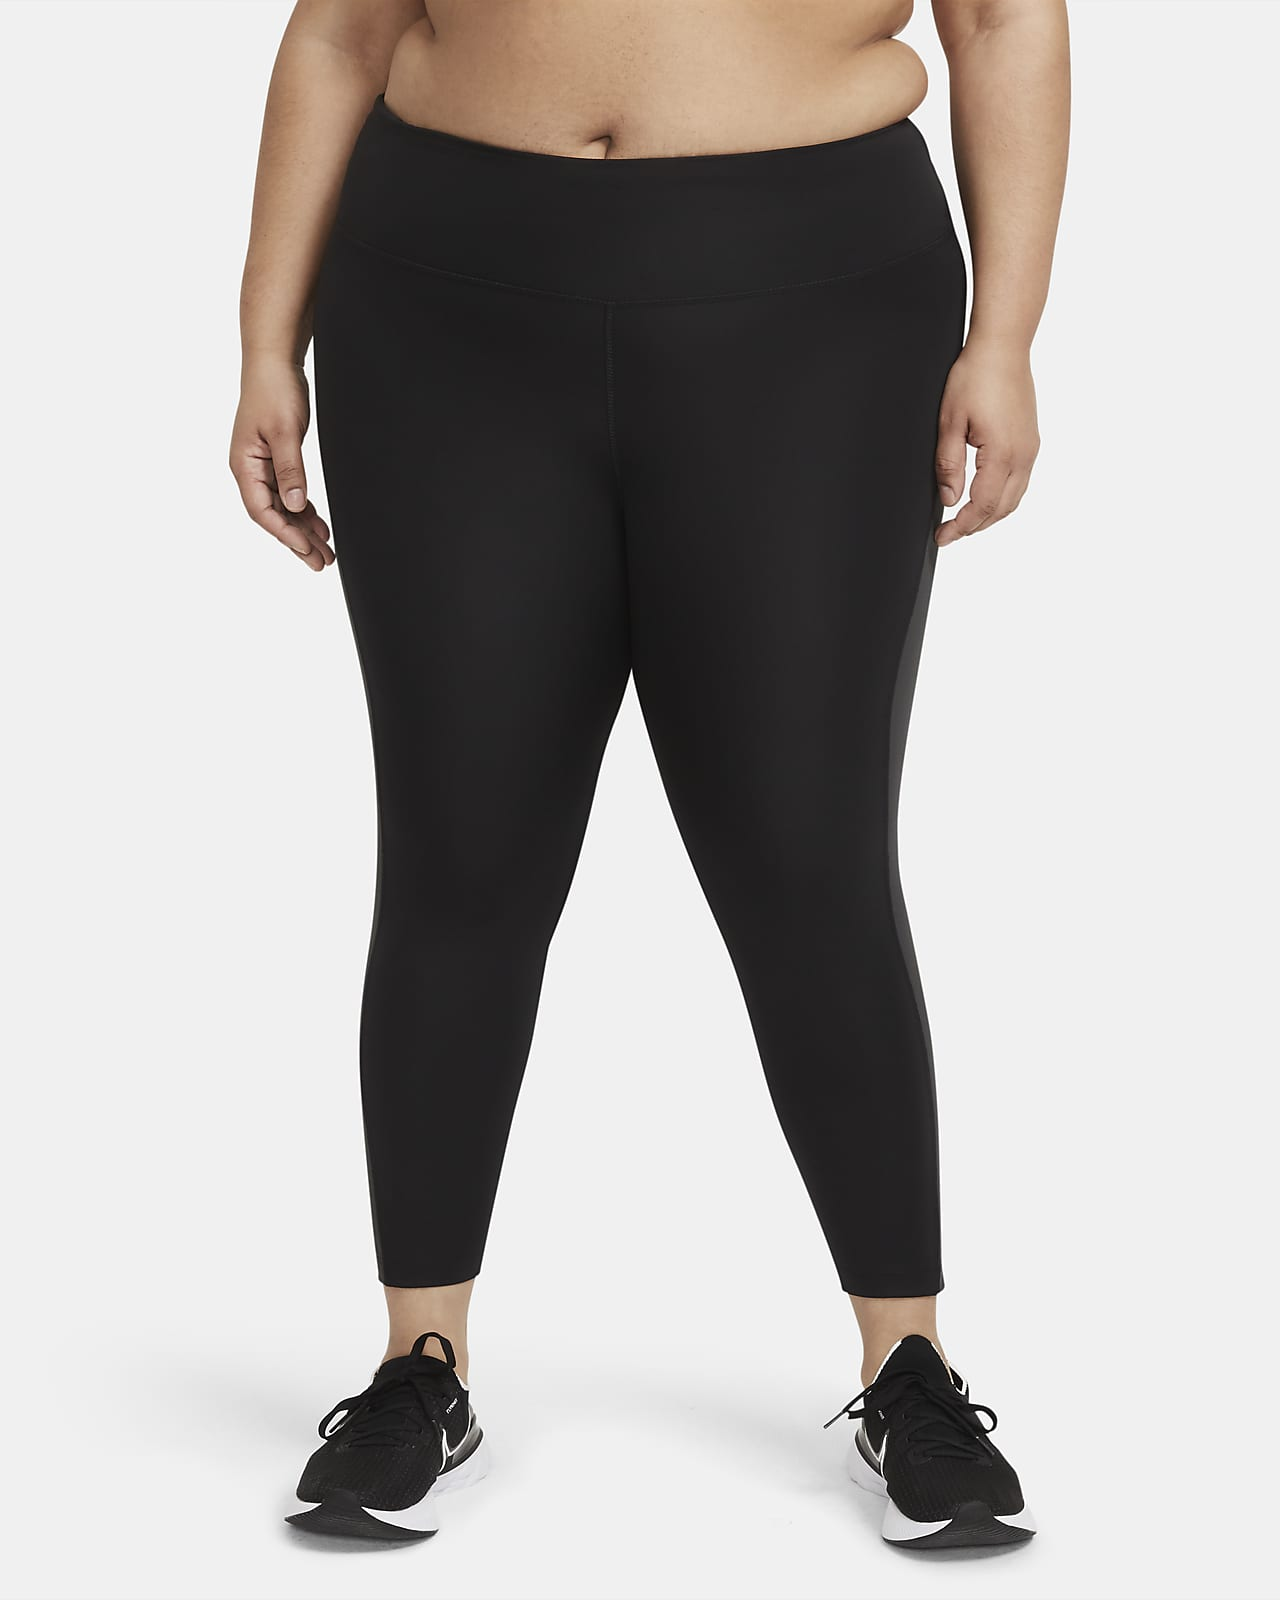 Nike Epic Fast Normal Belli 7/8 Kadın Koşu Taytı (Büyük Beden)